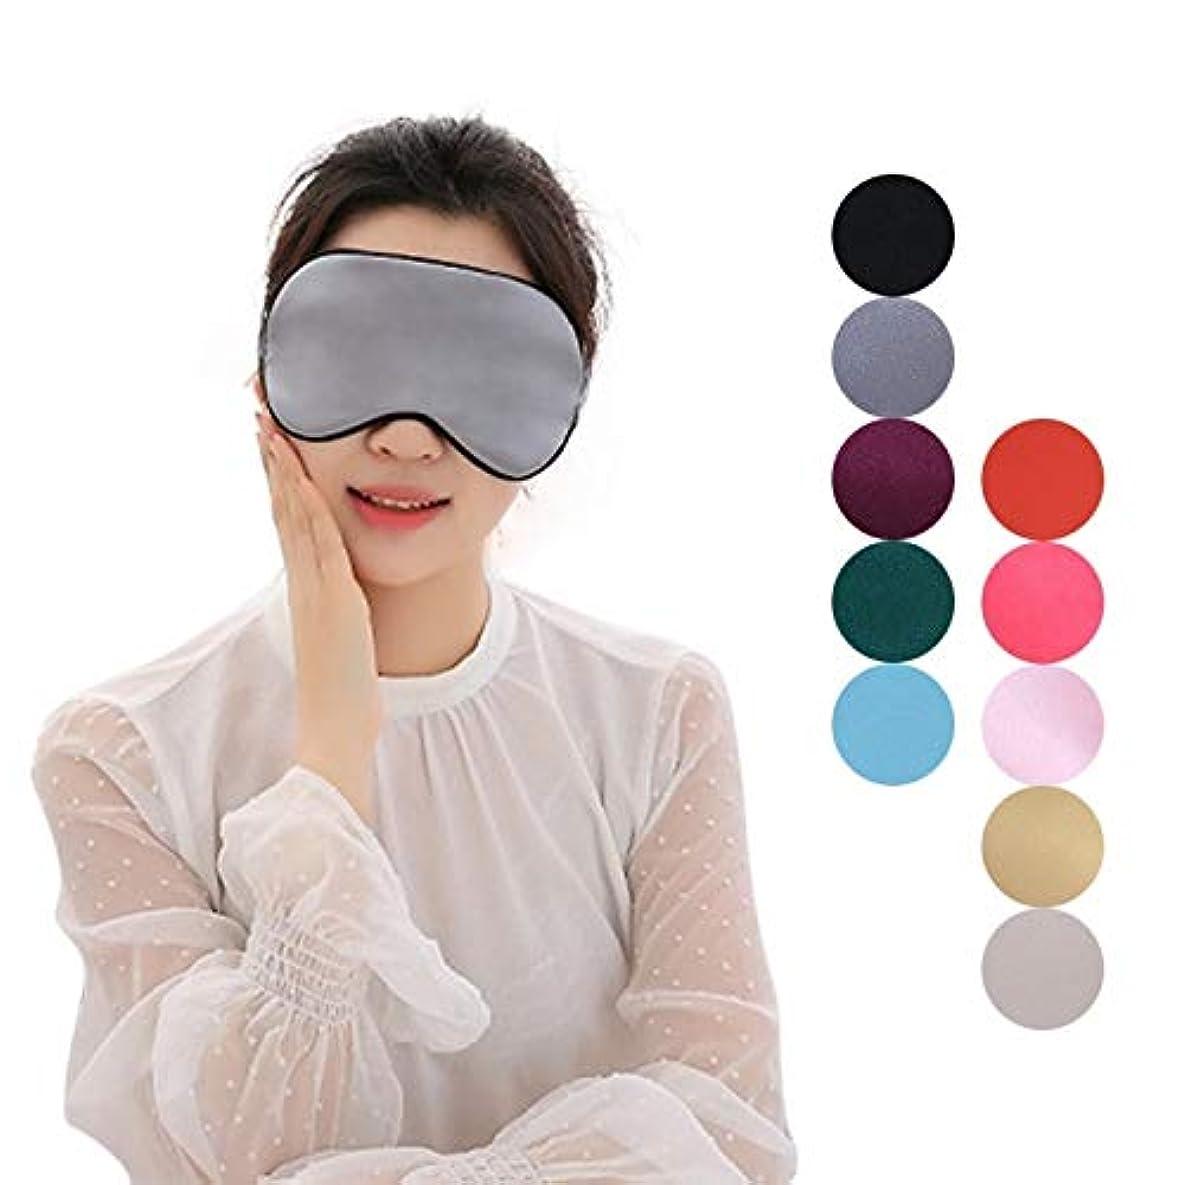 どういたしましてマンモス年齢NOTE 2018新しい睡眠マスクアイパッチソフトアイ睡眠マスクカバー旅行睡眠補助目隠し包帯アイパッチスポンジアイマスク女性